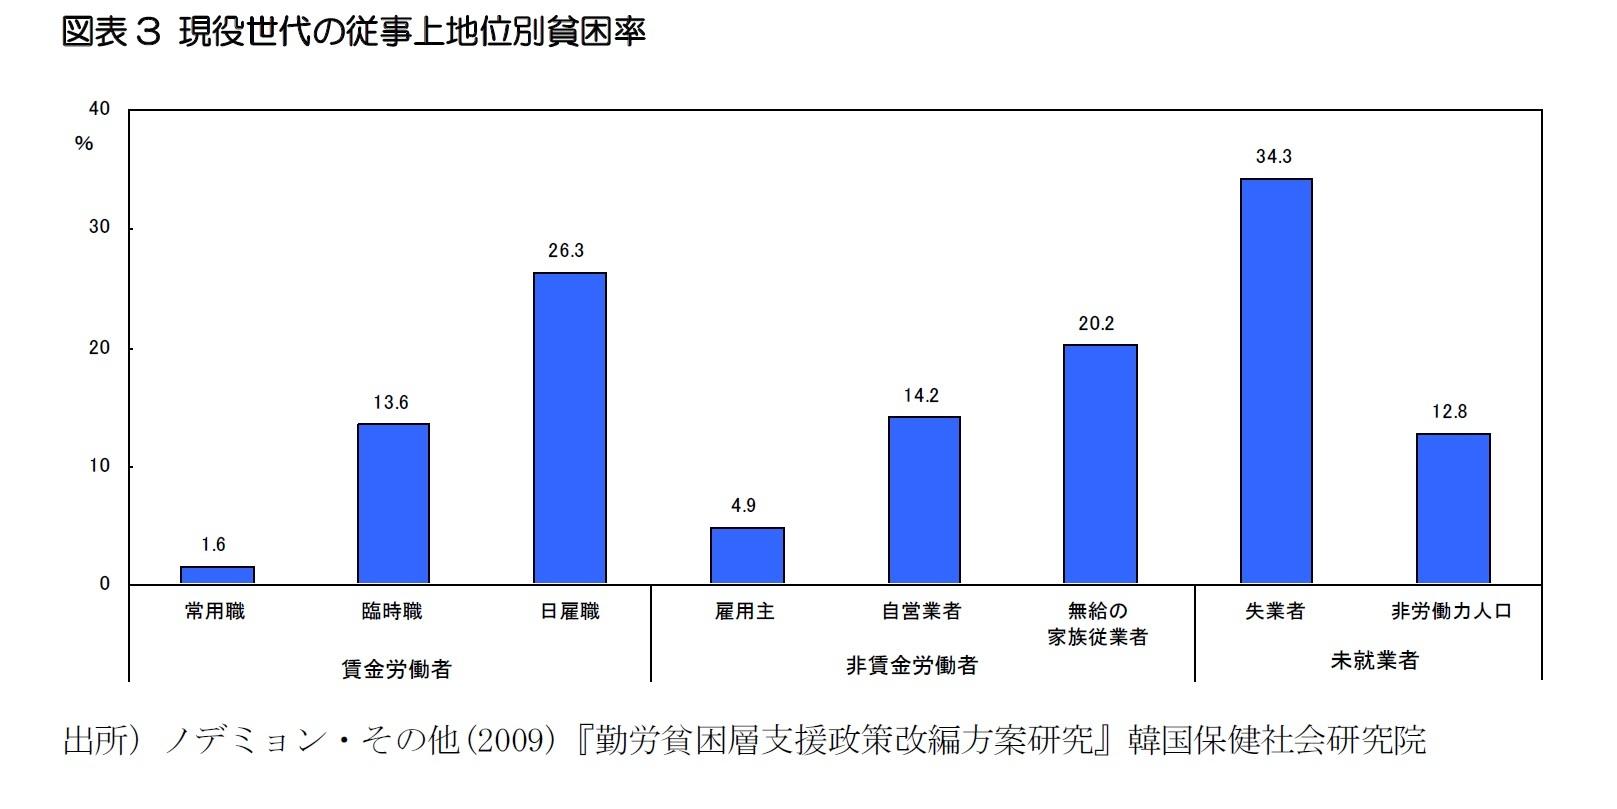 図表3 現役世代の従事上地位別貧困率